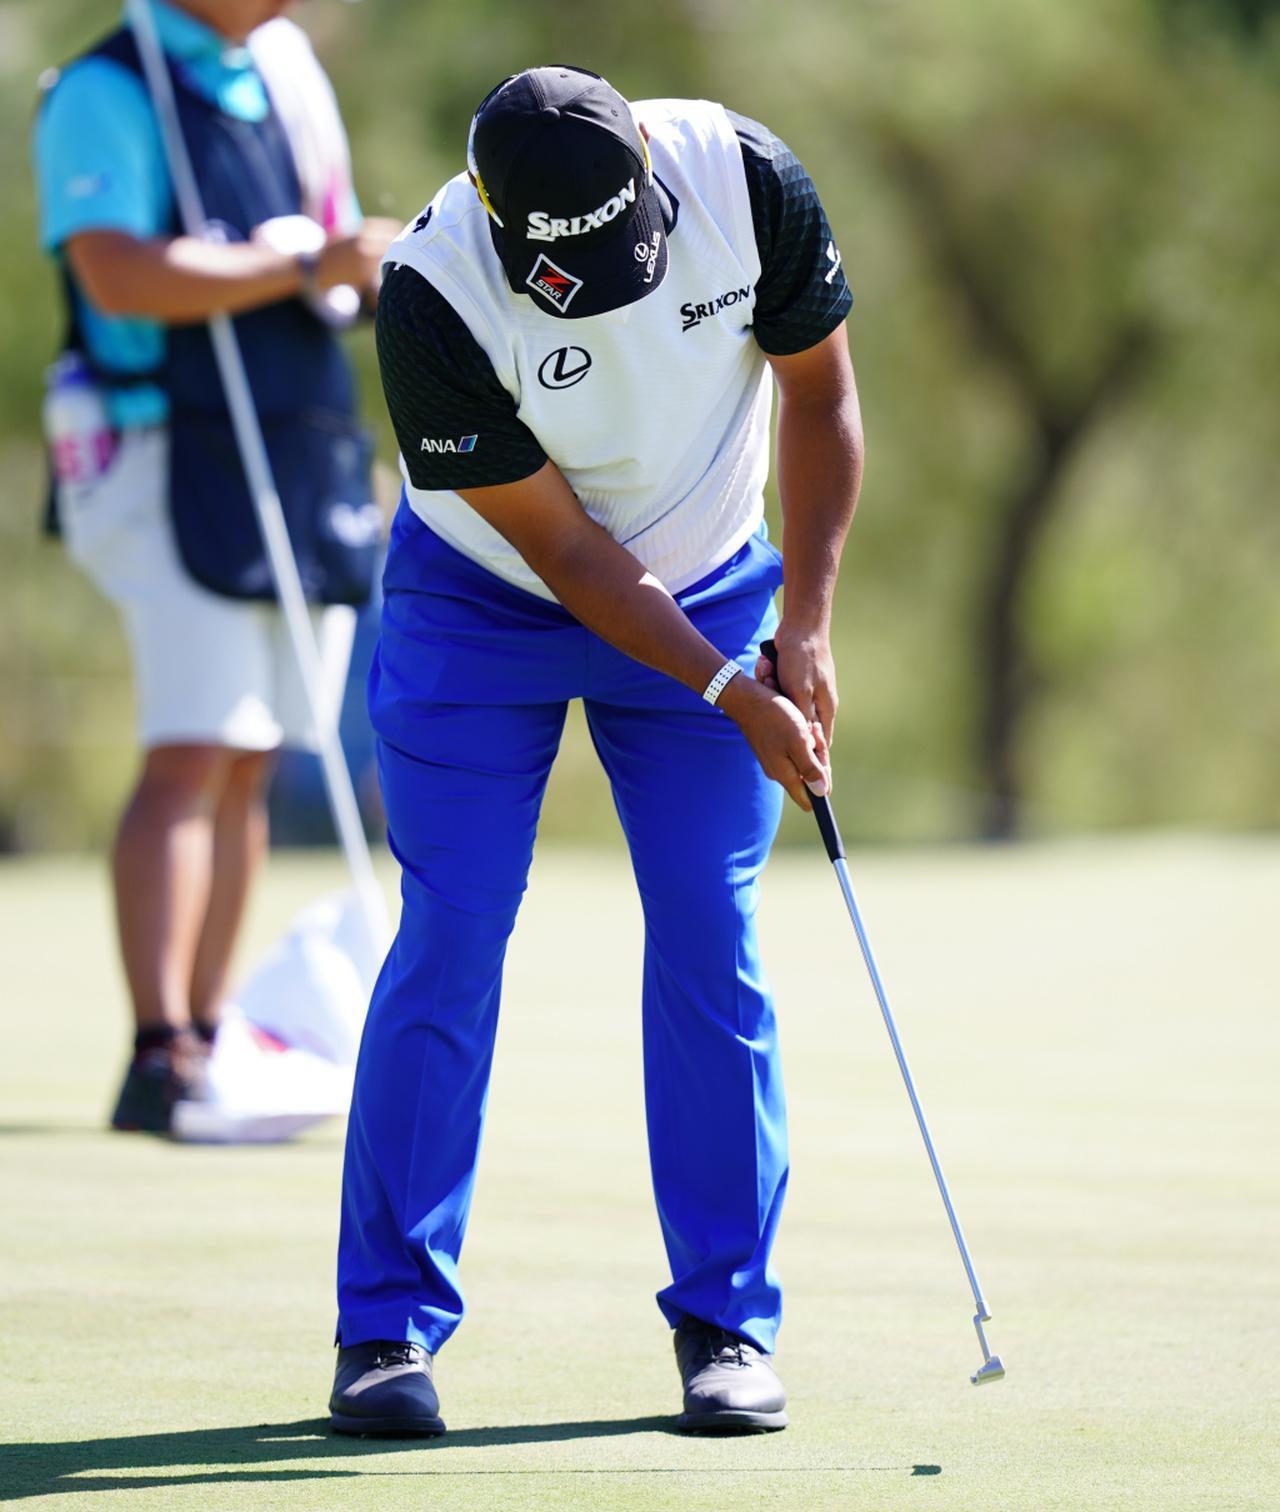 画像8: 【名手のパット】入る握り方に3つの流派。PGAツアーのパッティンググリップ、タイガー・マキロイ・松山・スピース…